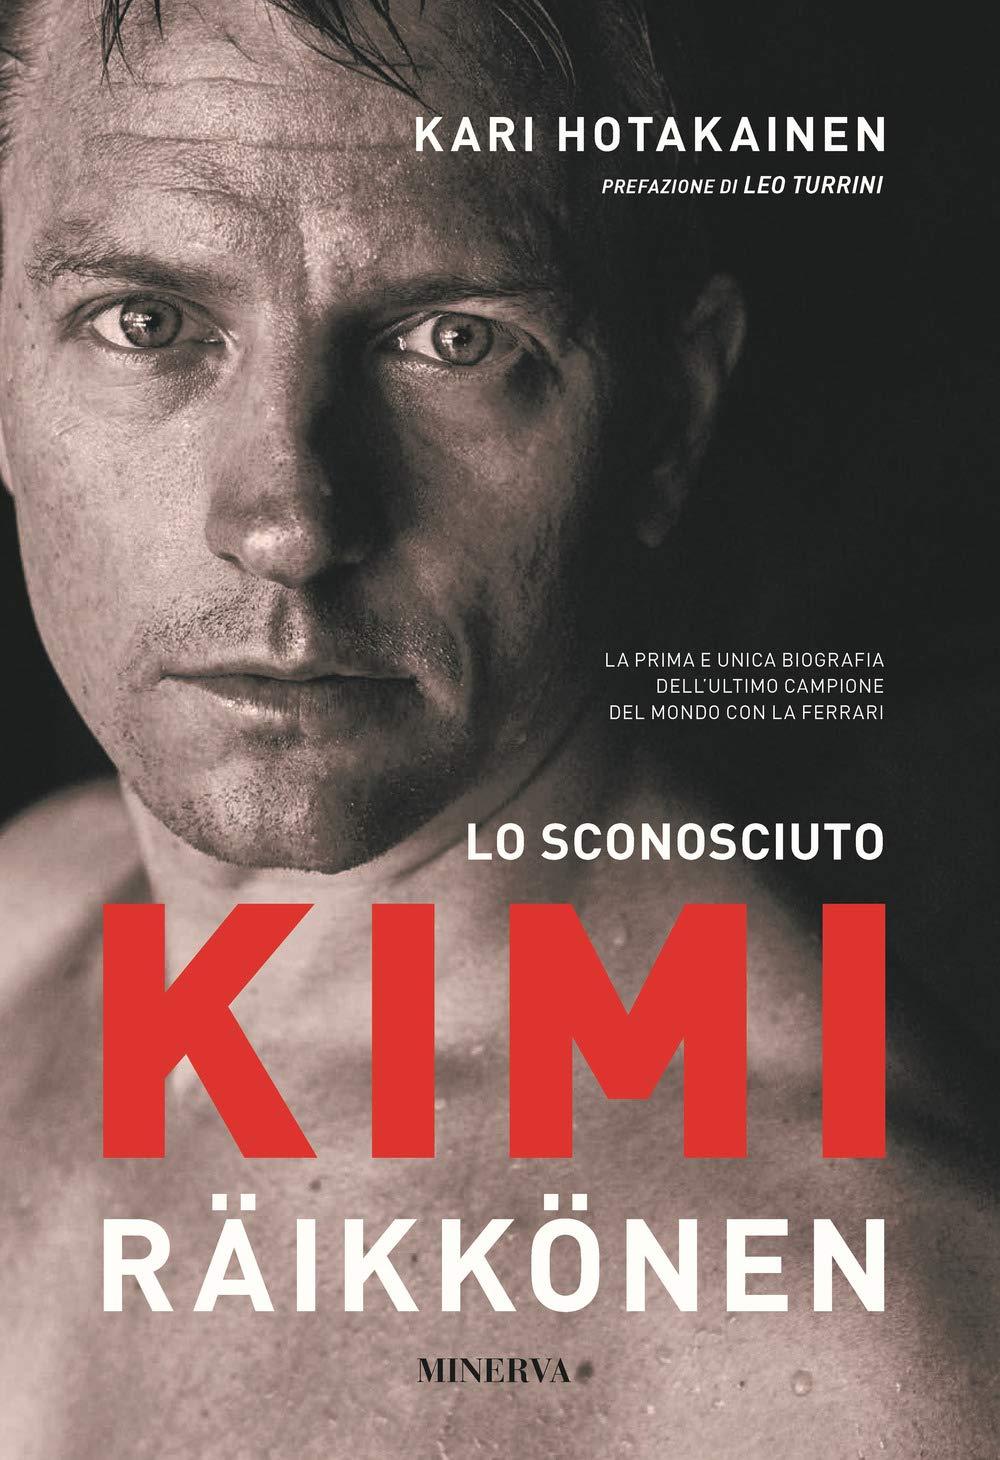 Recensione: Lo Sconosciuto Kimi Raikkonen.